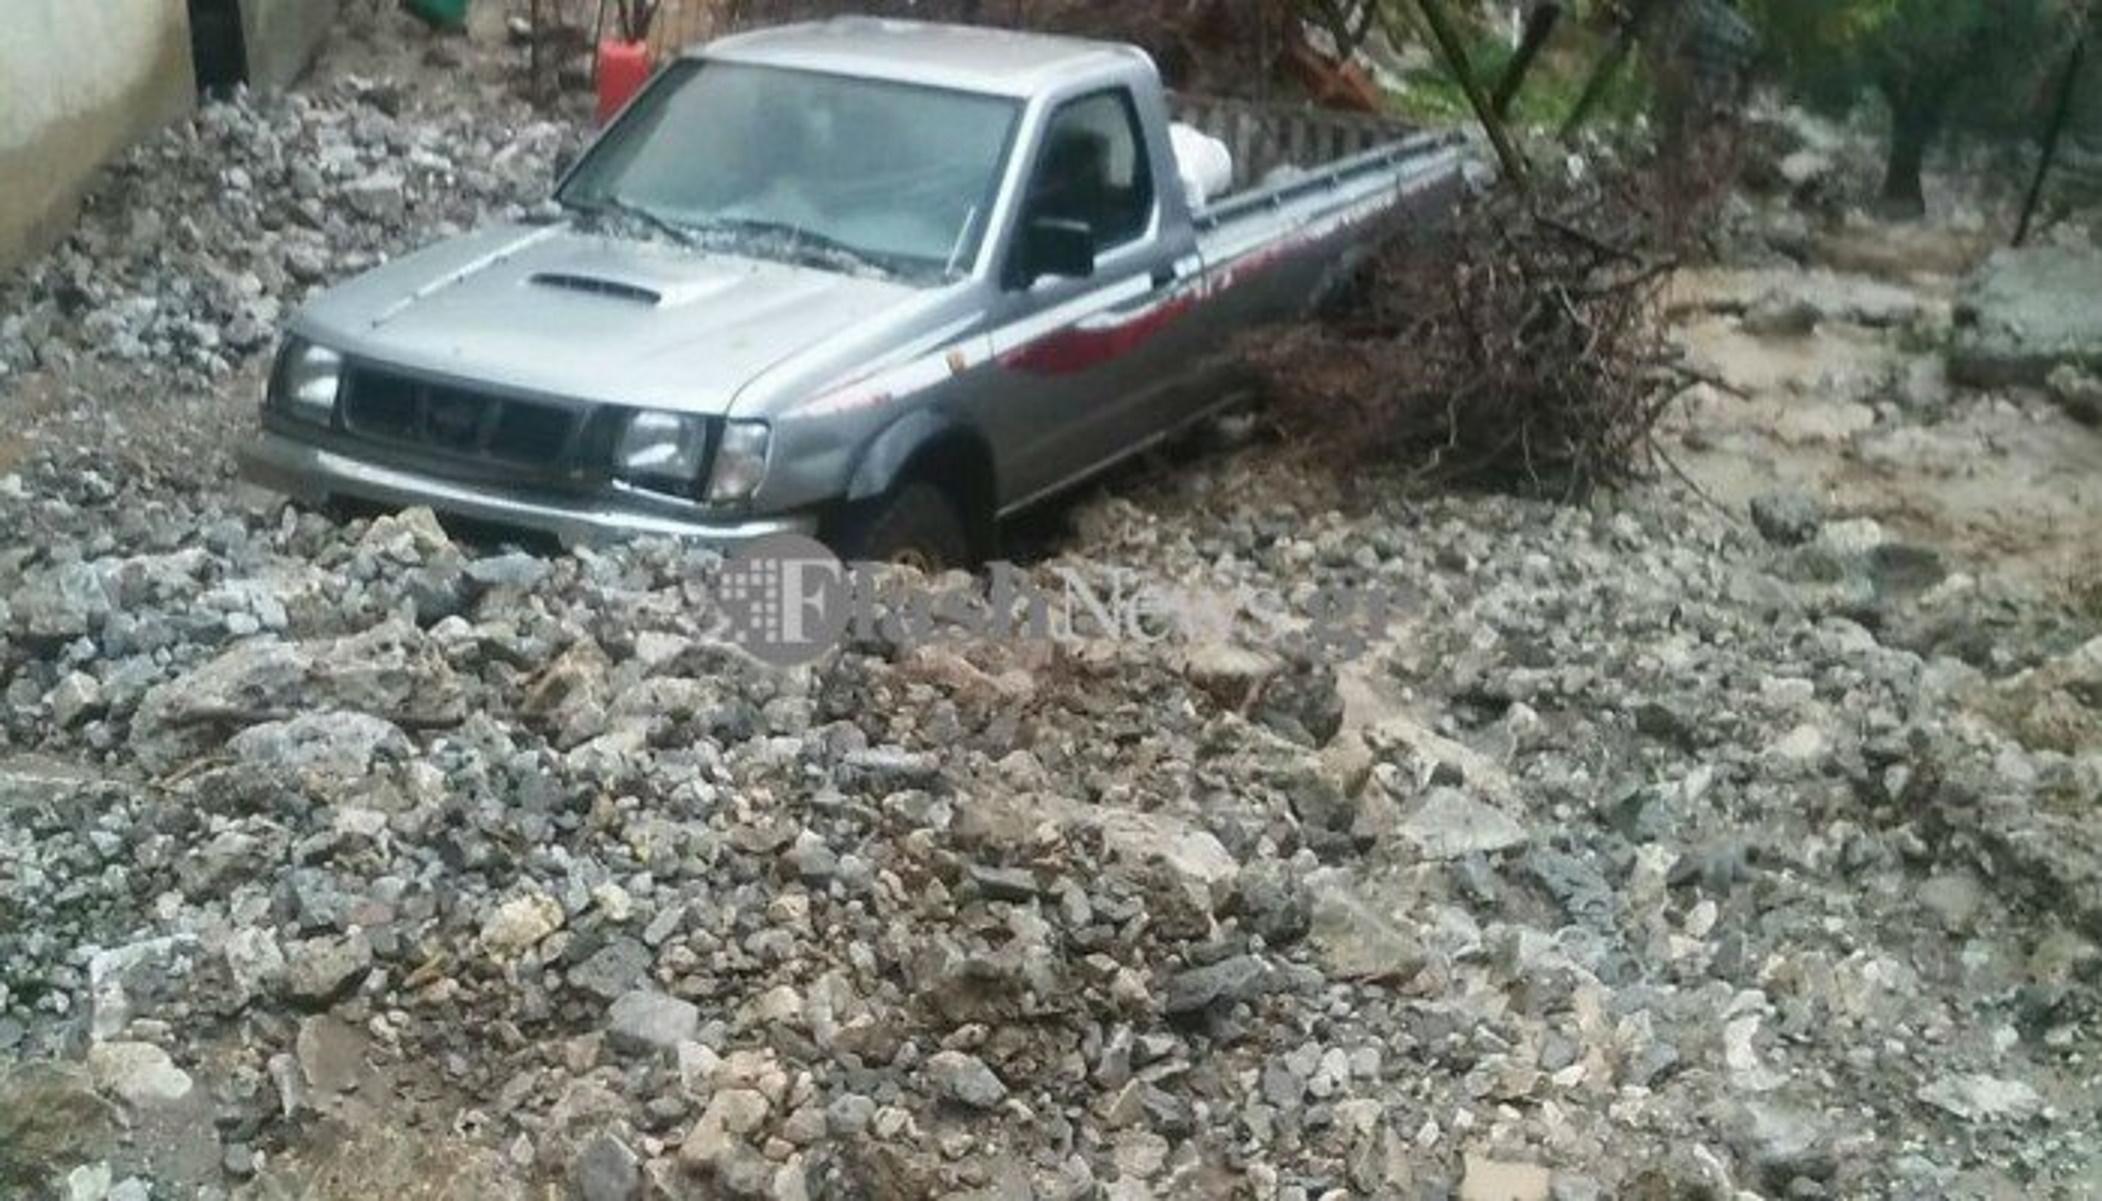 Χανιά: Κατολισθήσεις από ισχυρή νεροποντή στην Ασή Γωνιά – Κινδύνεψε να πνιγεί οδηγός  (video)